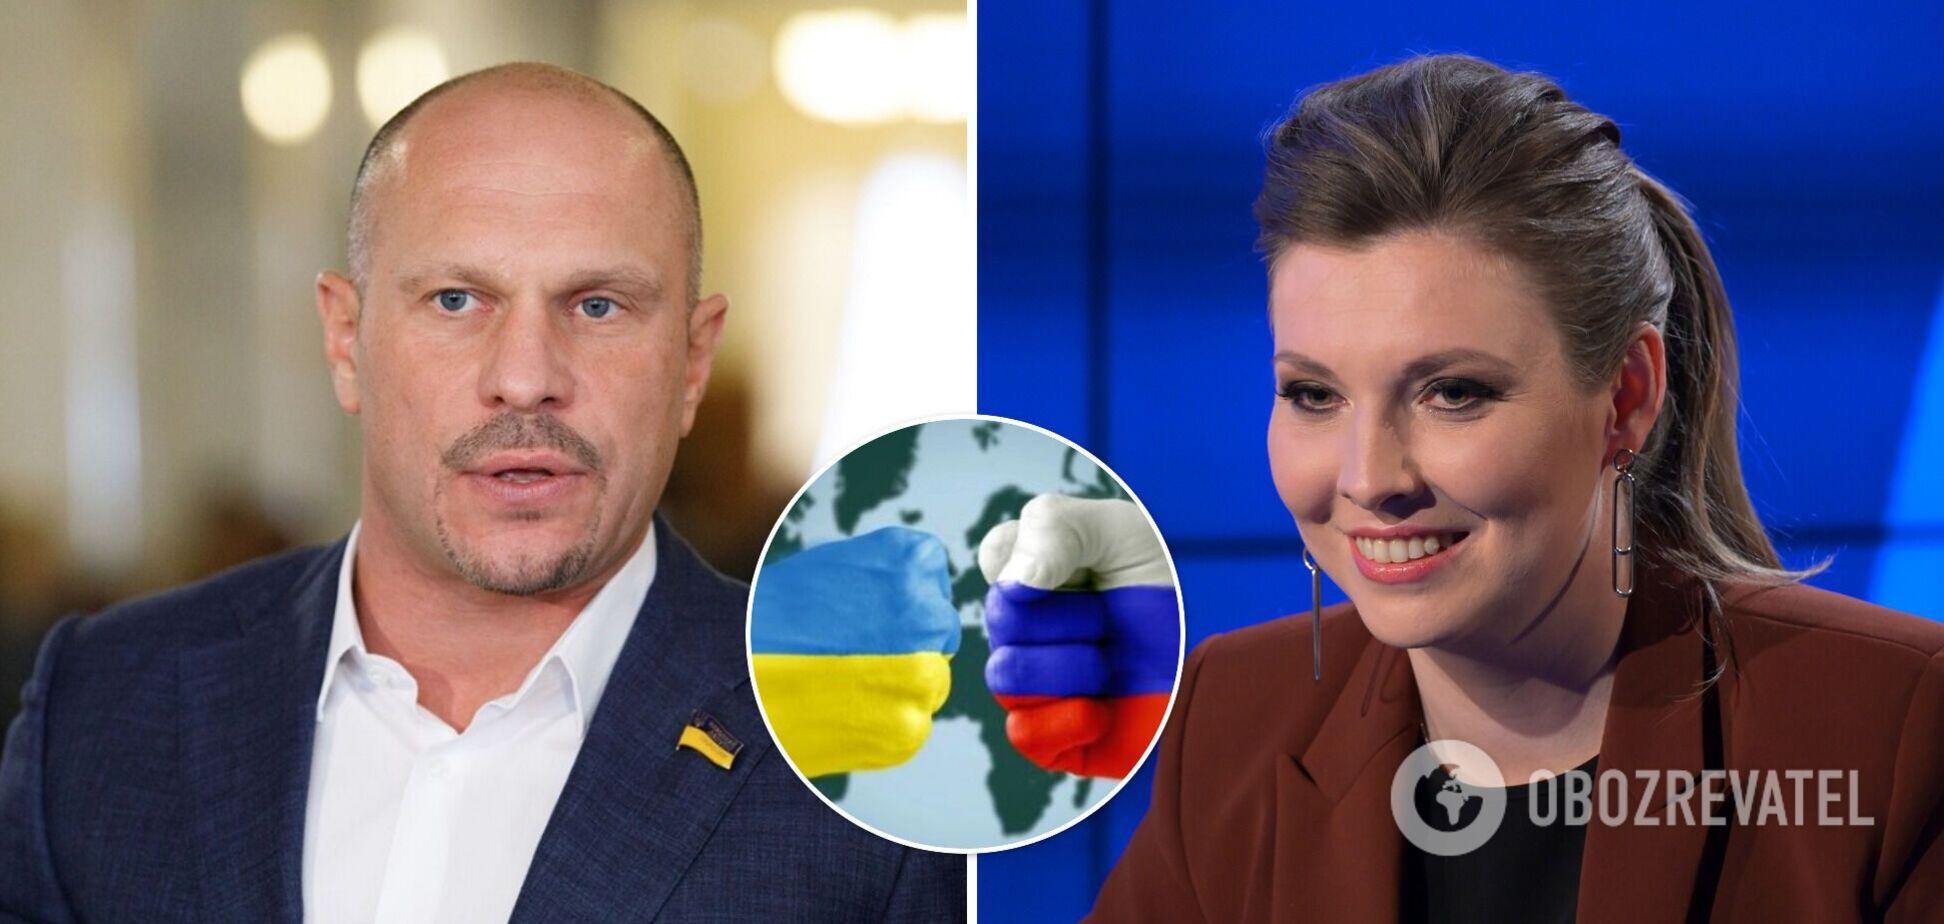 Кива на шоу Скабєєвої повторив пропагандистську тезу Путіна про 'один народ'. Відео